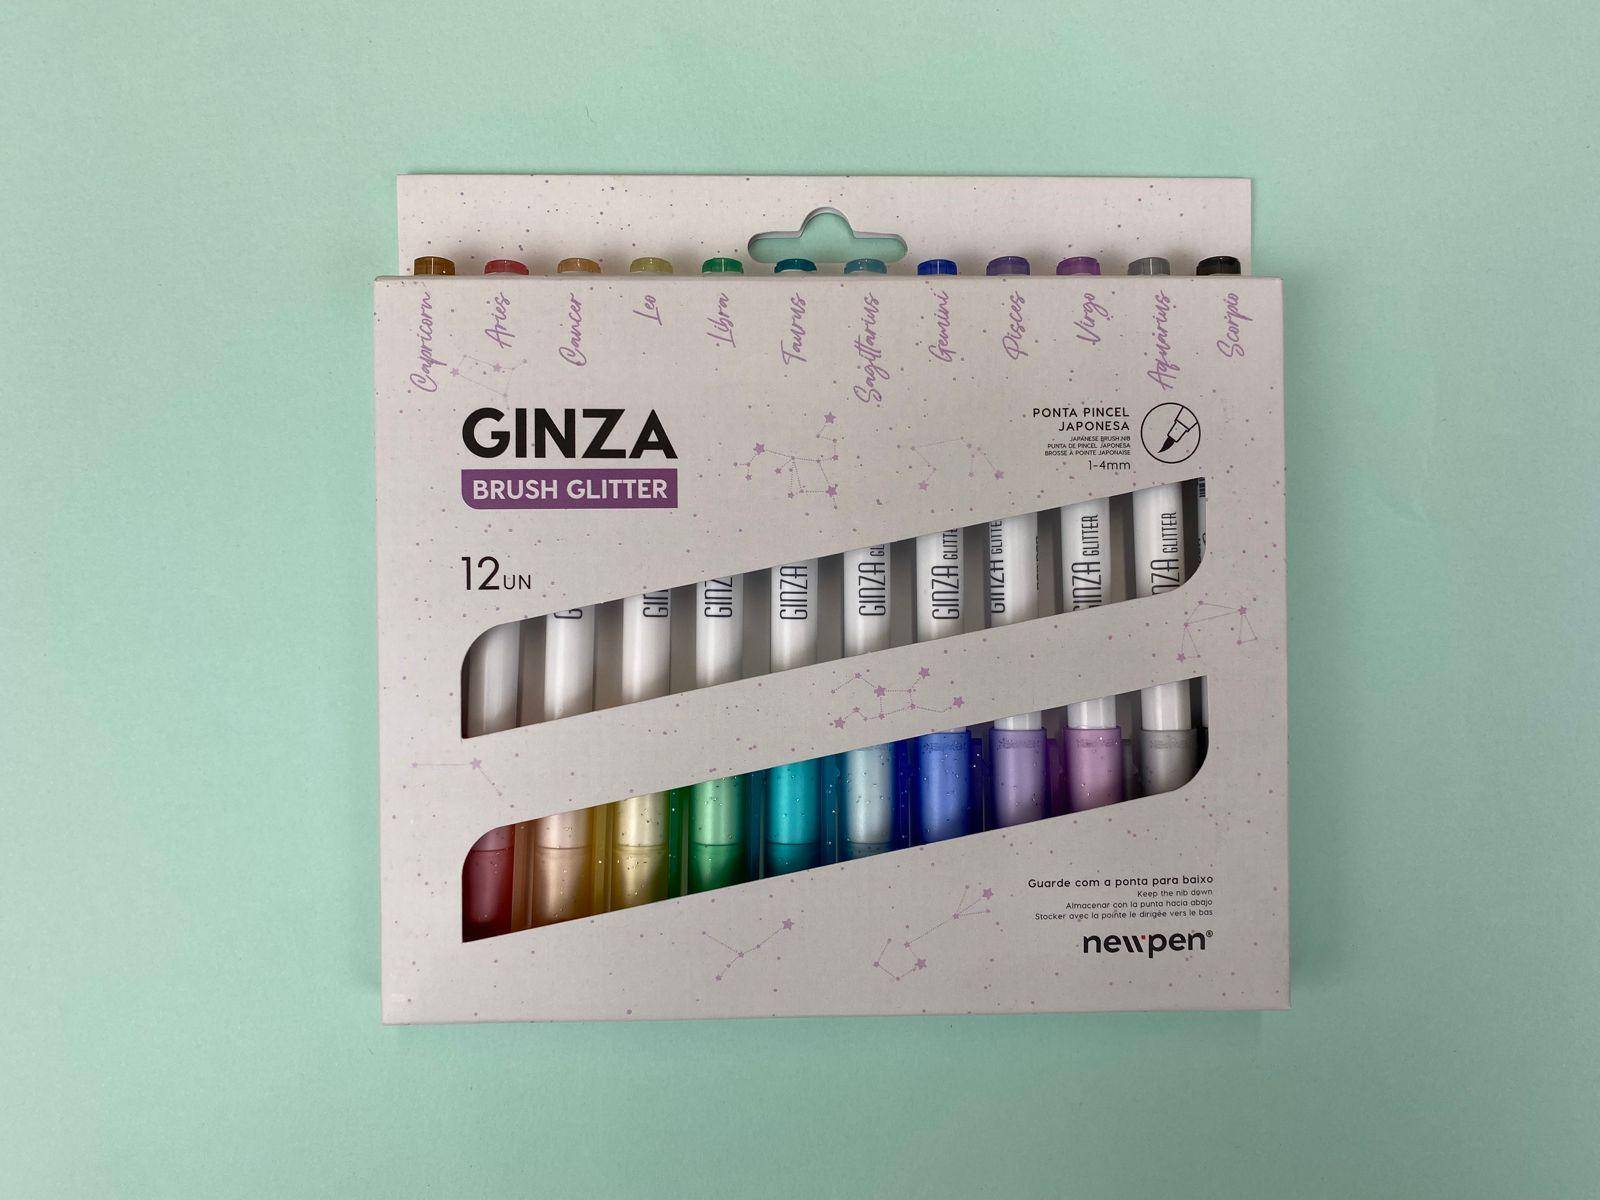 Caneta Brush - Newpen - Ginza Brush Glitter - 12 un